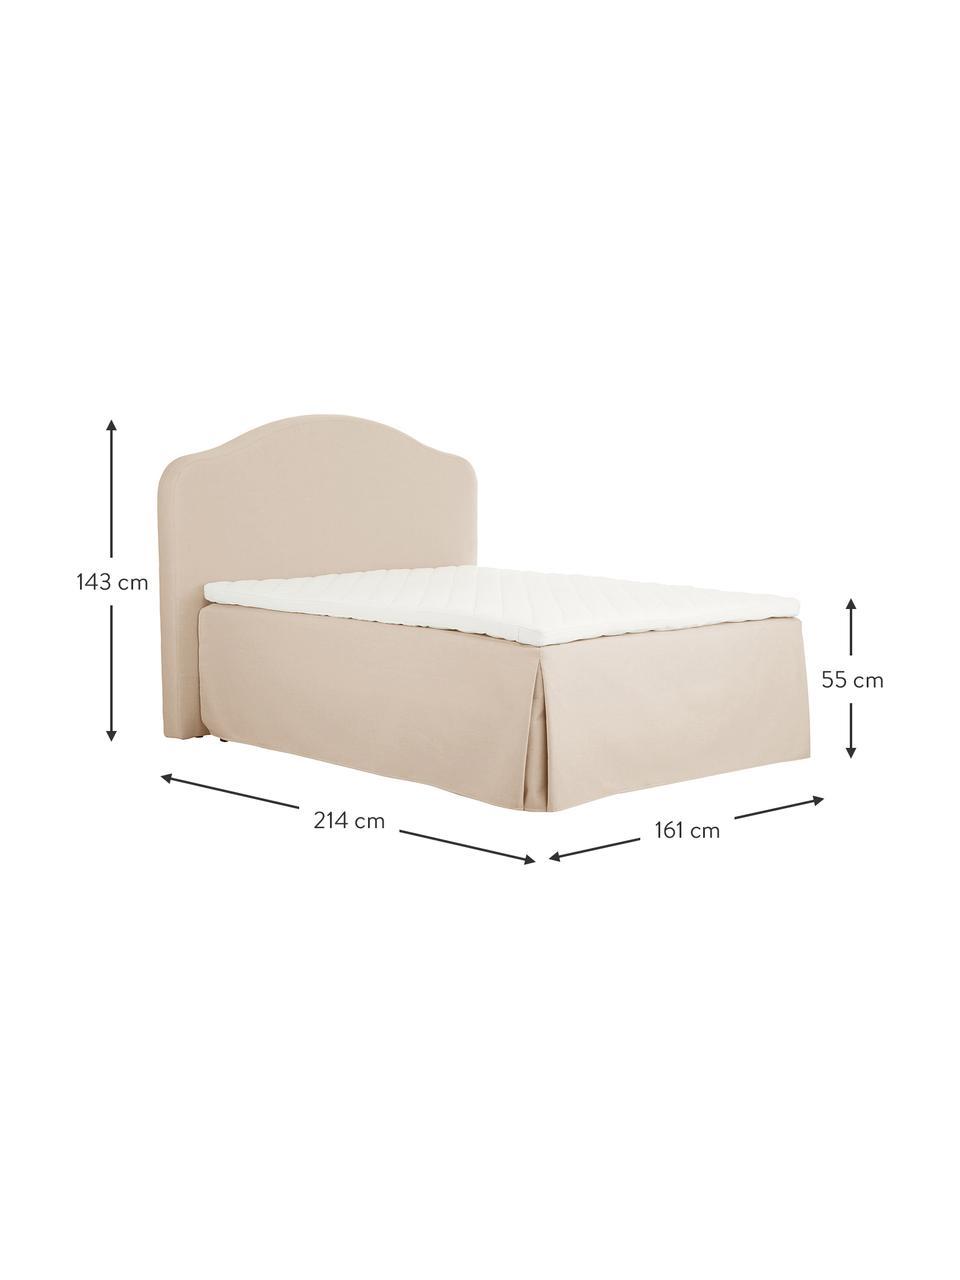 Letto boxspring premium in tessuto beige Dahlia, Materasso: nucleo a 5 zone di molle , Piedini: legno massiccio di betull, Beige, 140 x 200 cm